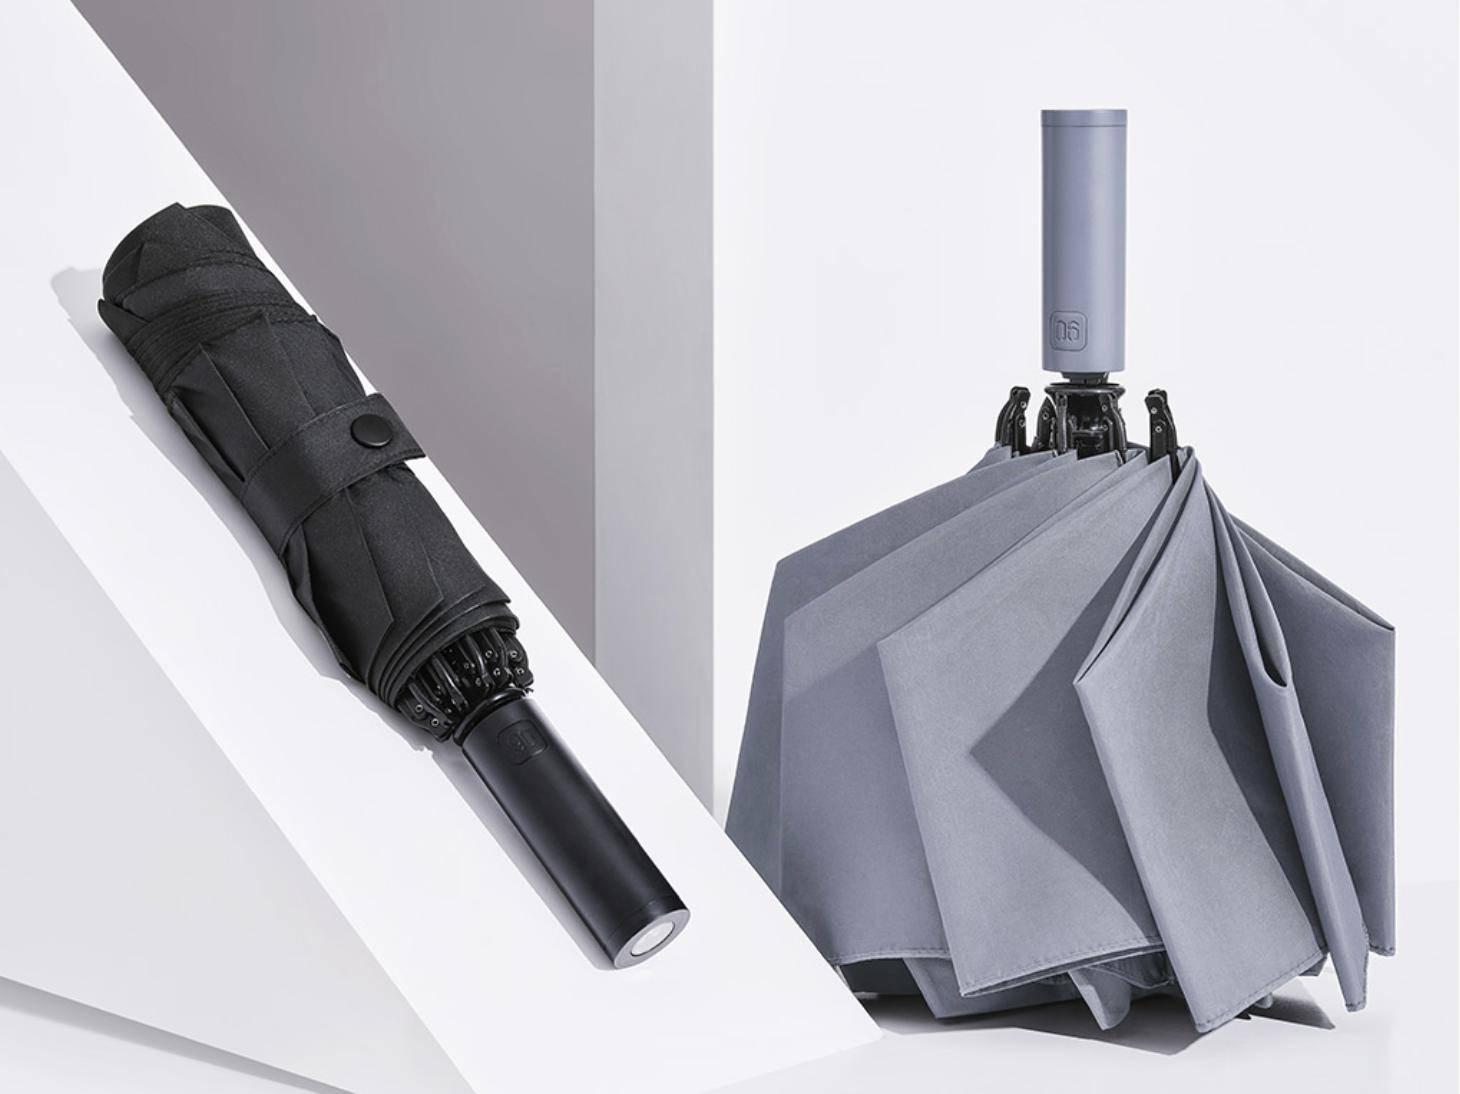 小米有品众筹自动反向折叠伞:晴雨两用+配备照明灯